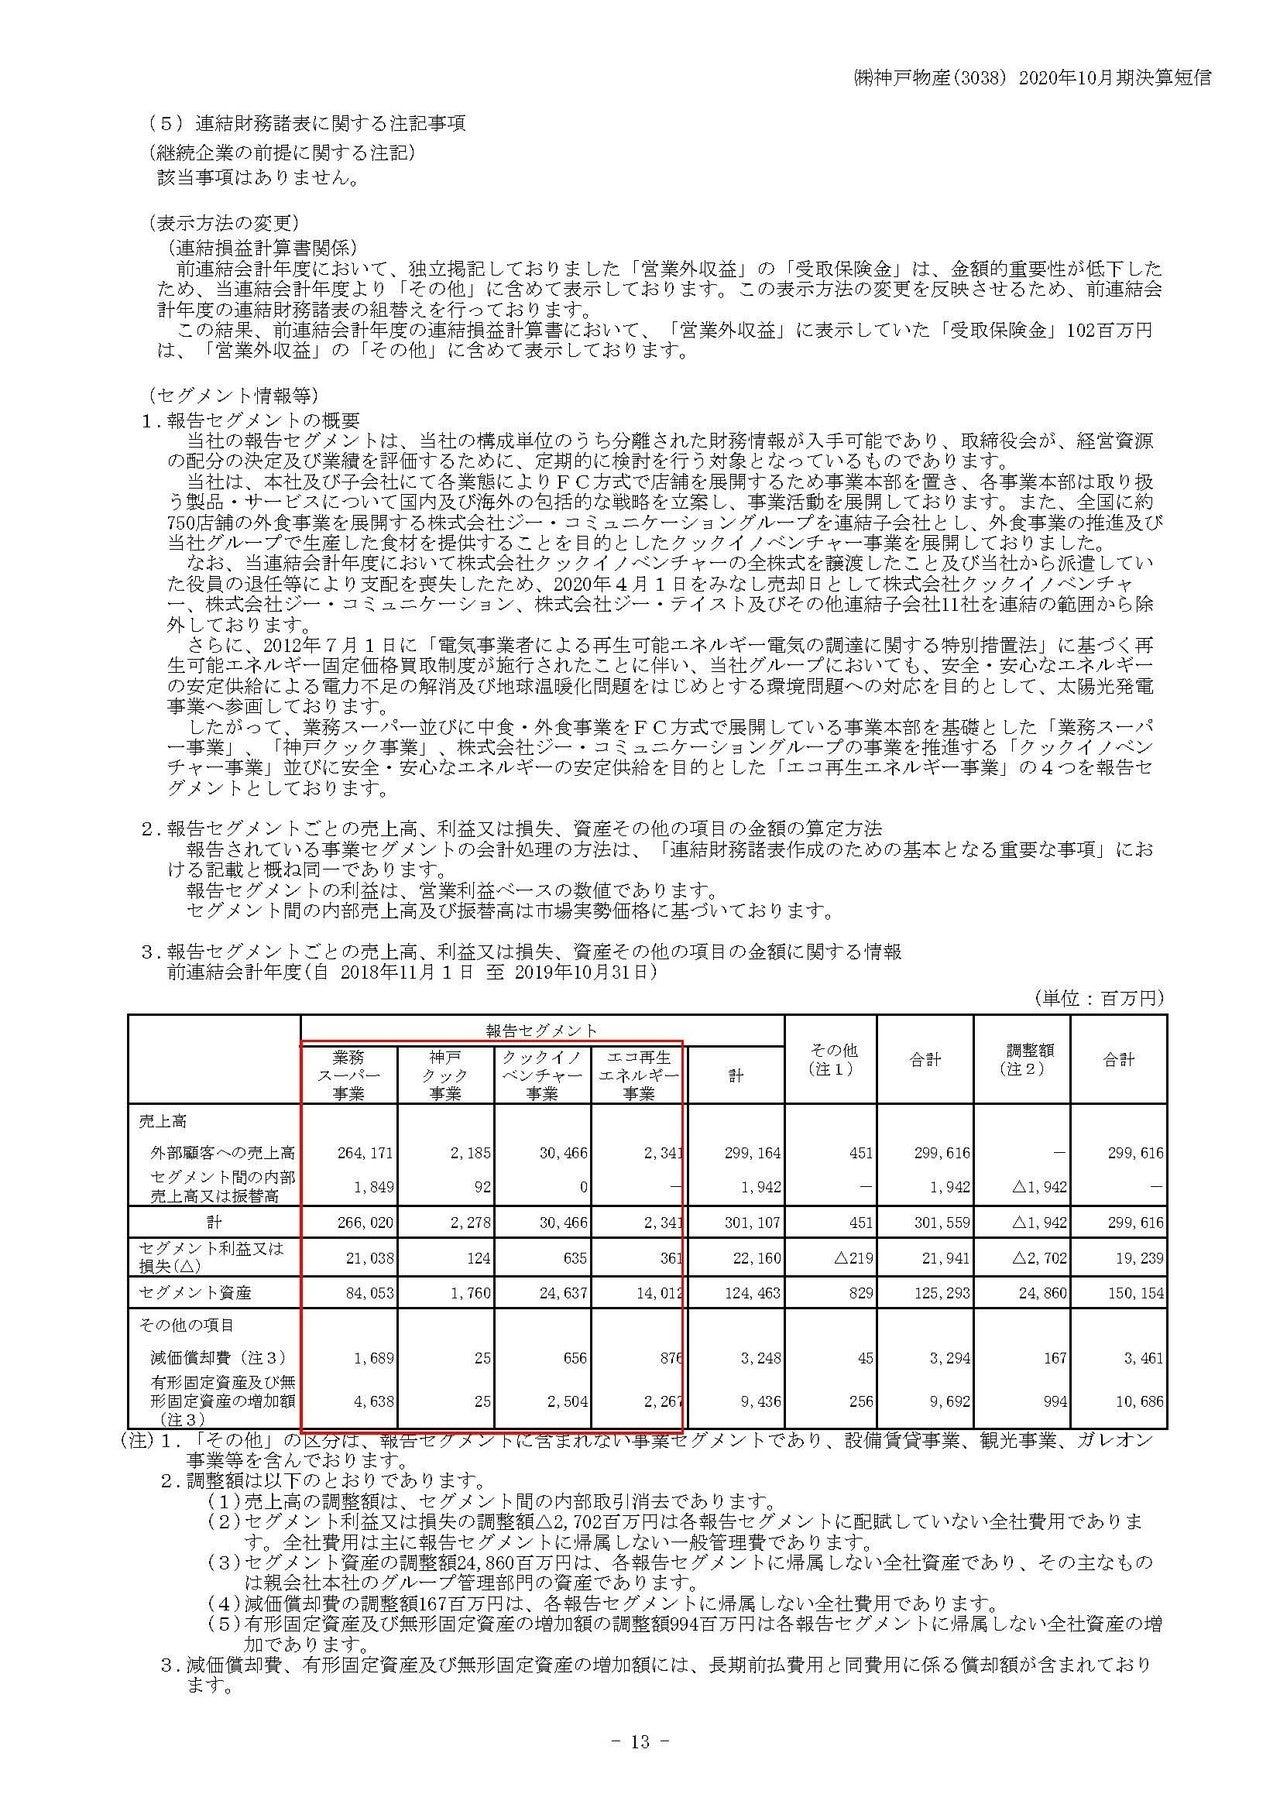 決算 神戸 物産 (株)神戸物産【3038】:企業情報・会社概要・決算情報